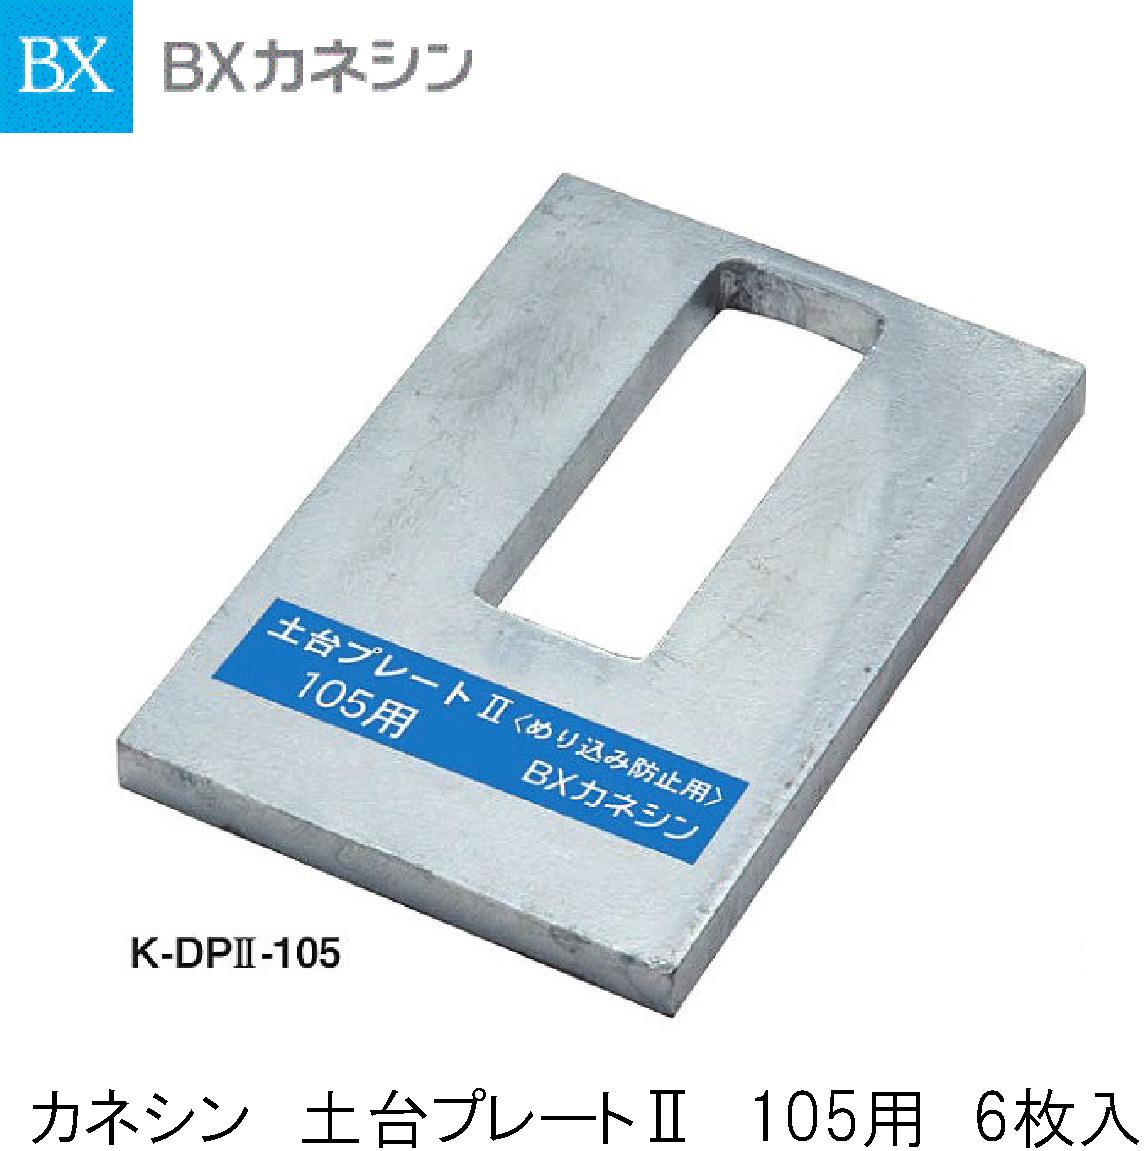 大きな過重のかかる柱の横架材へのめり込みを軽減できます BXカネシン 土台プレート2 めり込み防止用 WEB限定 6枚入 ご注文で当日配送 105用 K-DP2-105